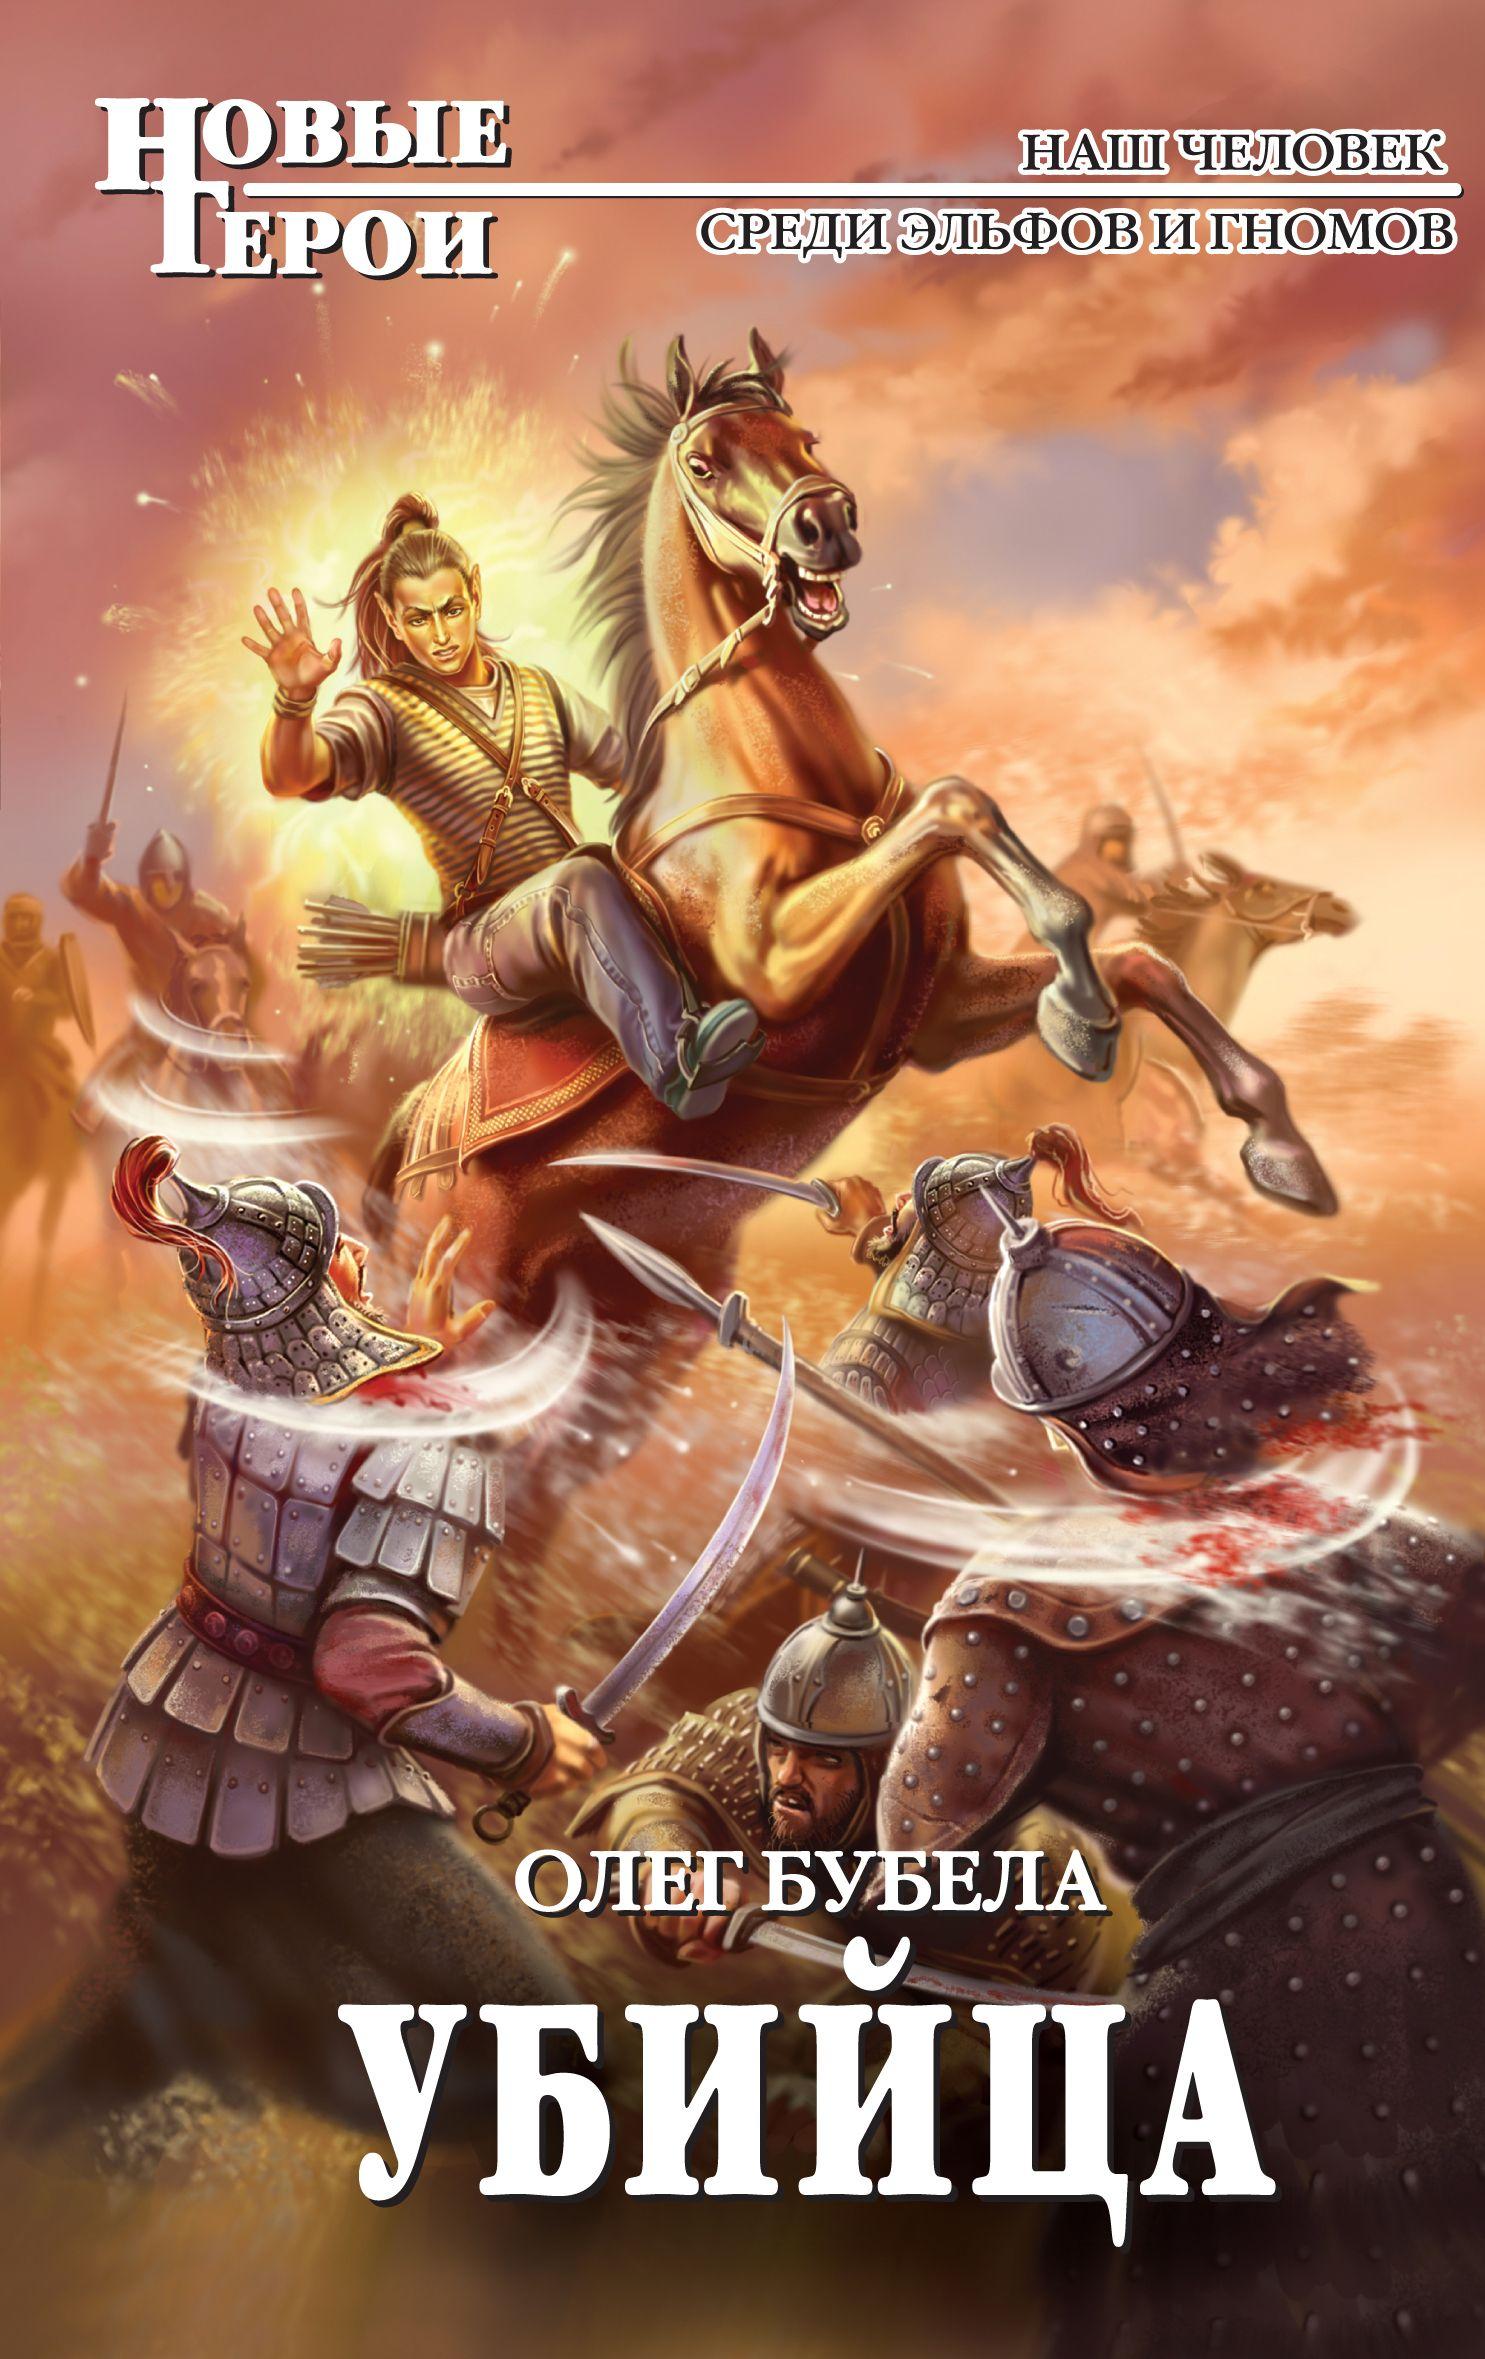 Олег Бубела Убийца алексей живой спартанец спартанец великий царь удар в сердце